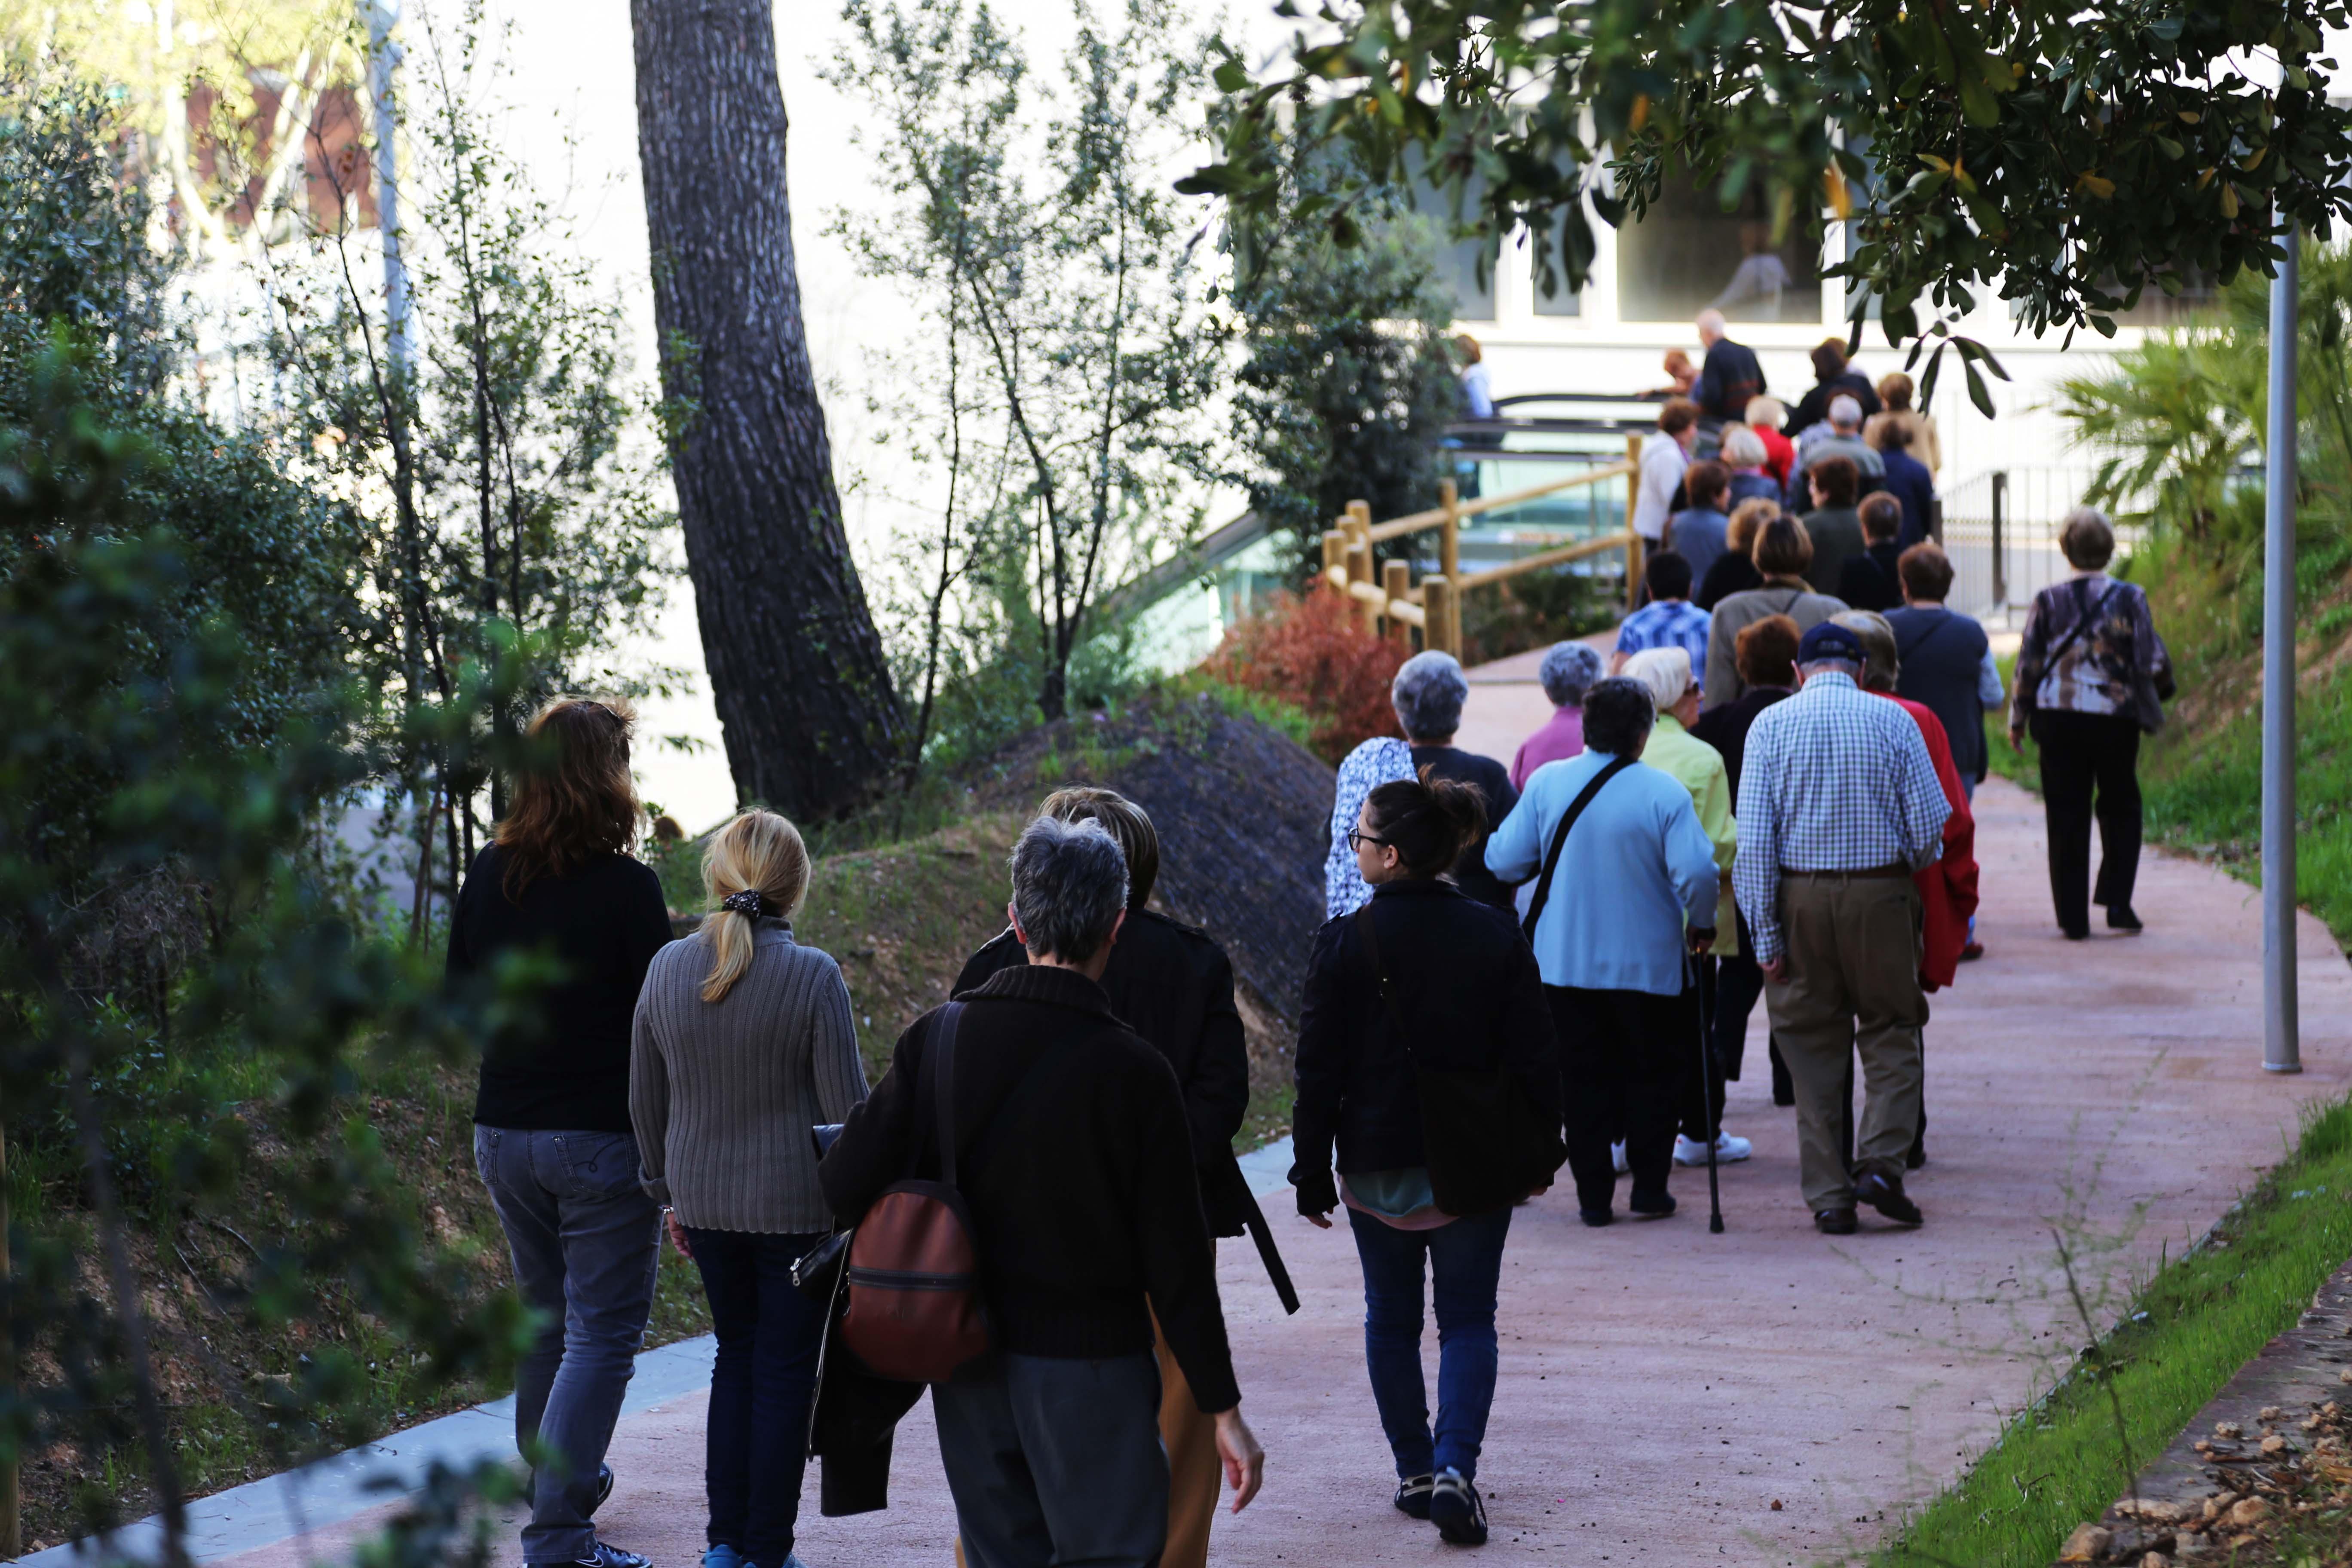 Taller de salut comunitària - Exercici físic CAP Vallcarca Sant Gervasi